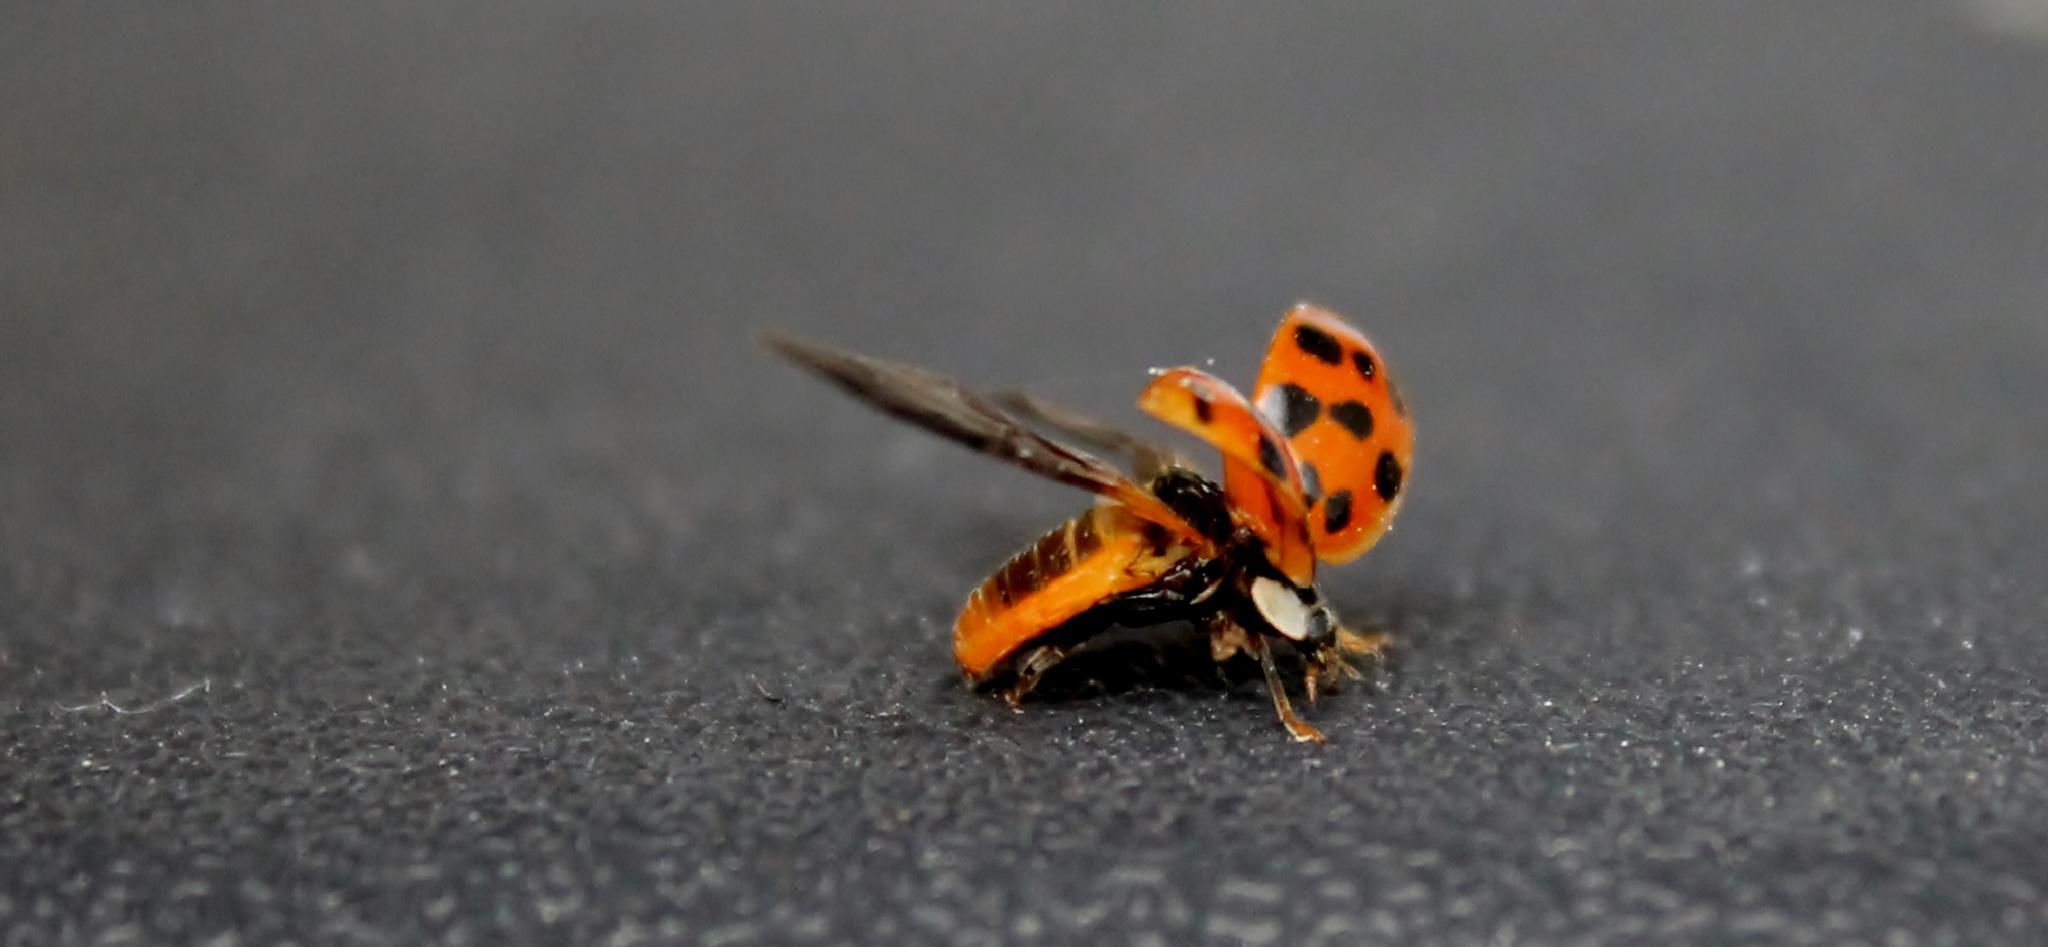 ladybug ladybug by Heather Marie Glynn